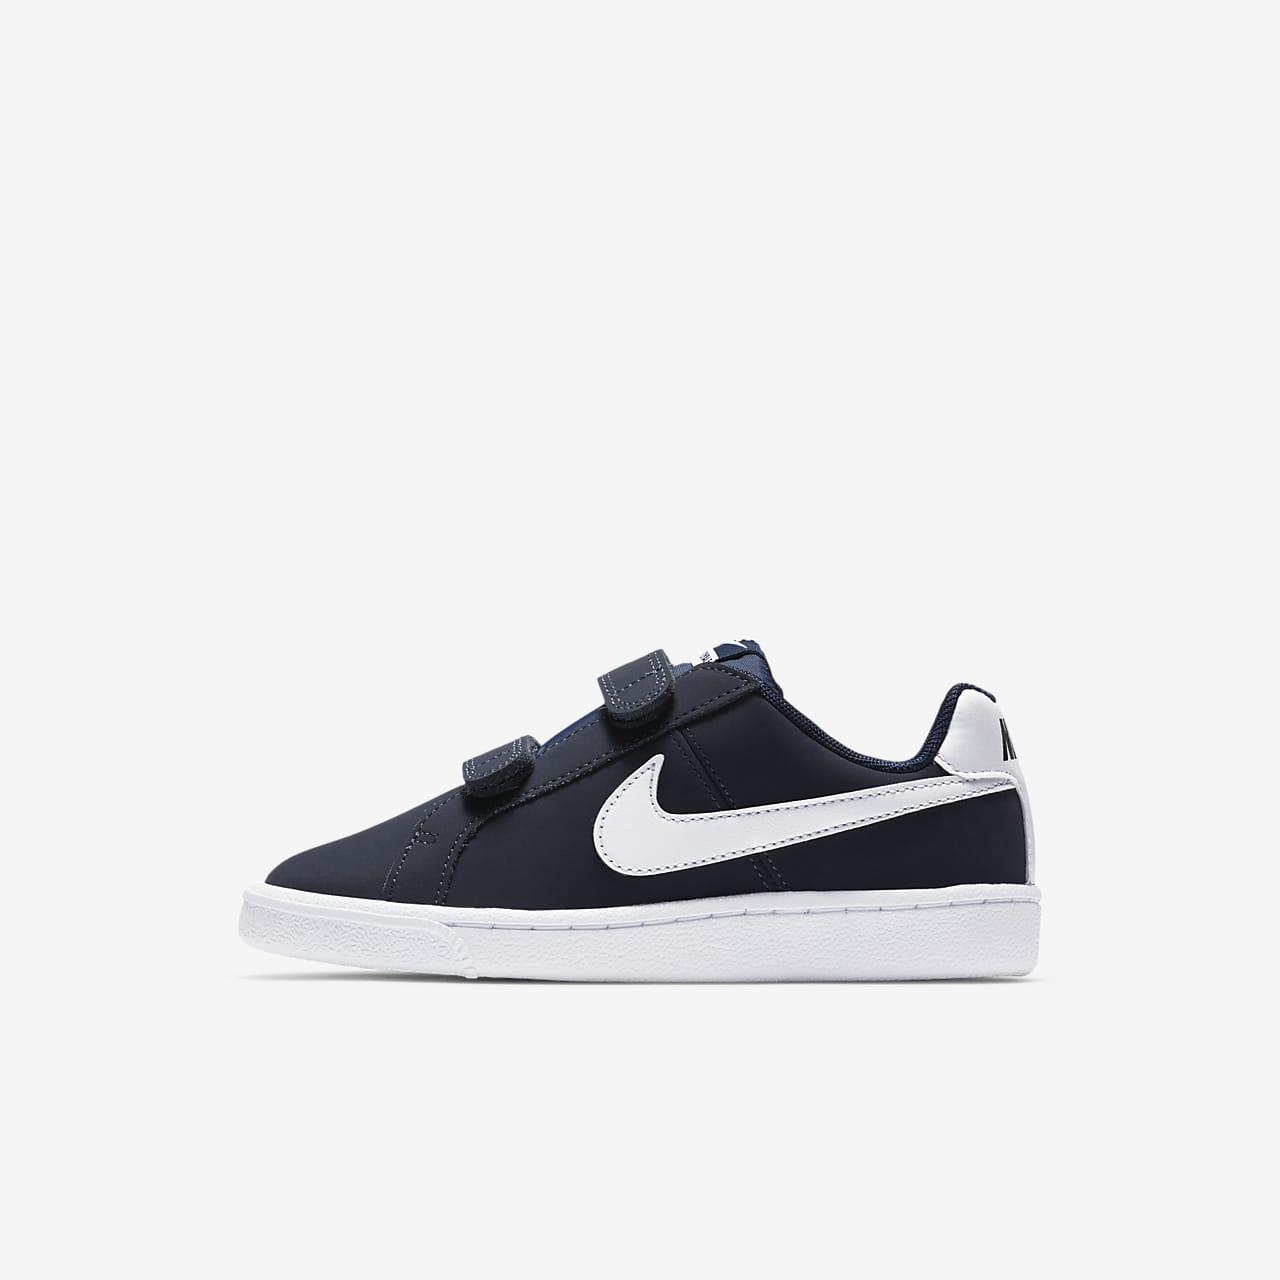 NikeCourt Royale Küçük Çocuk Ayakkabısı